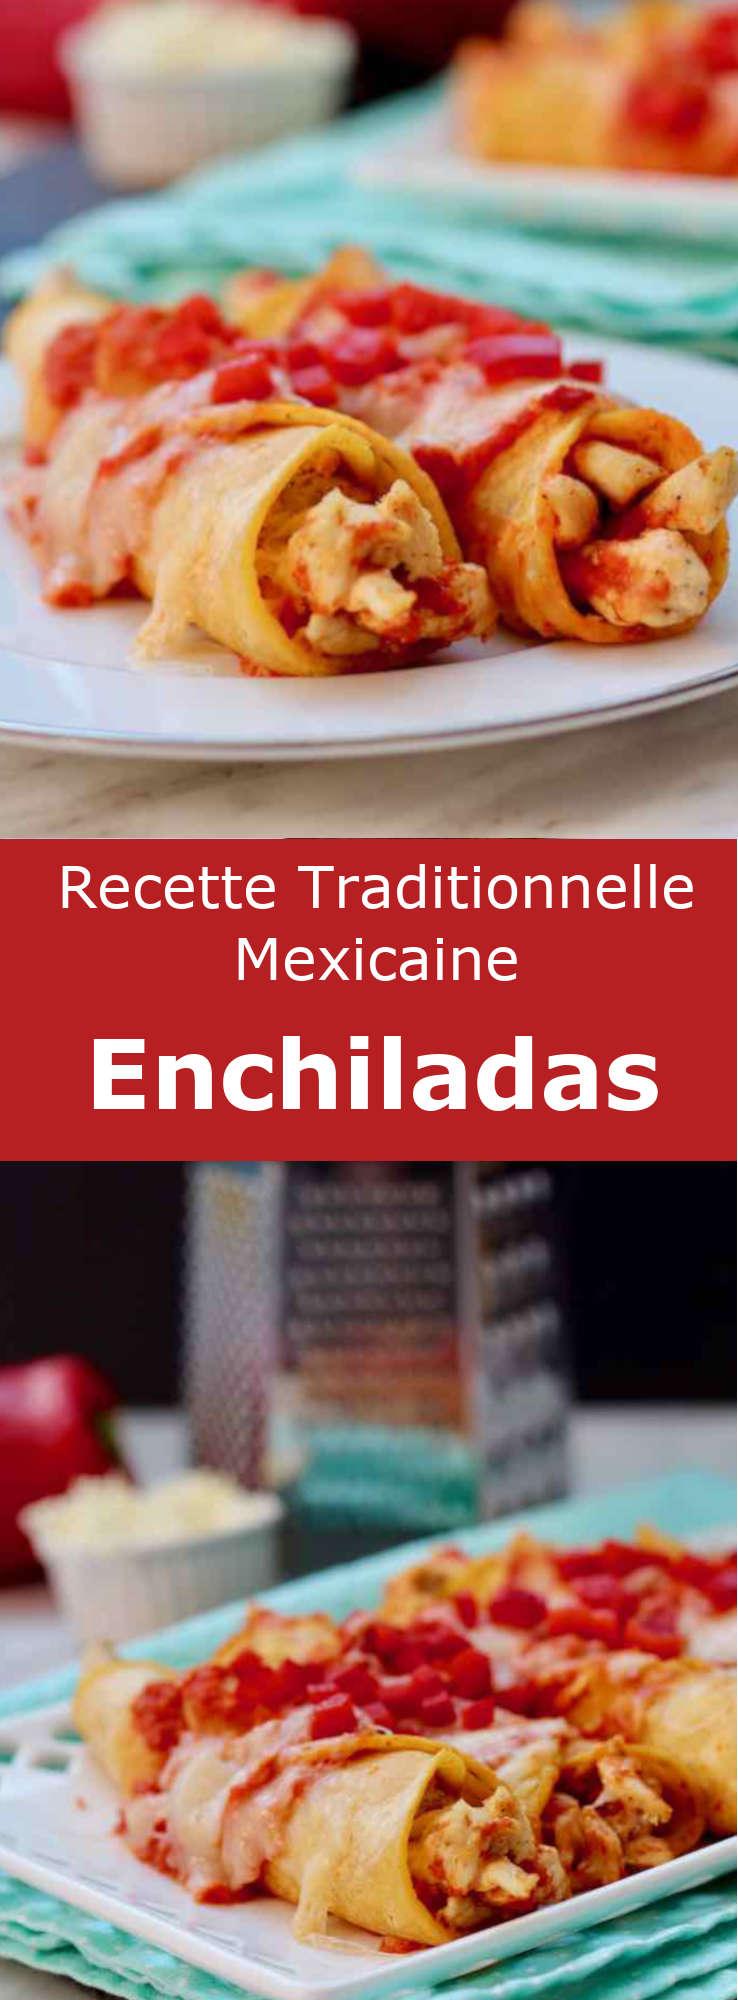 Les enchiladas sont des tortillas de maïs farcies de viande, fromage, haricots ou pommes de terre, avant d'être recouvertes d'une sauce au piment. #Mexique #RecetteMexicaine #CuisineDuMonde #196flavors